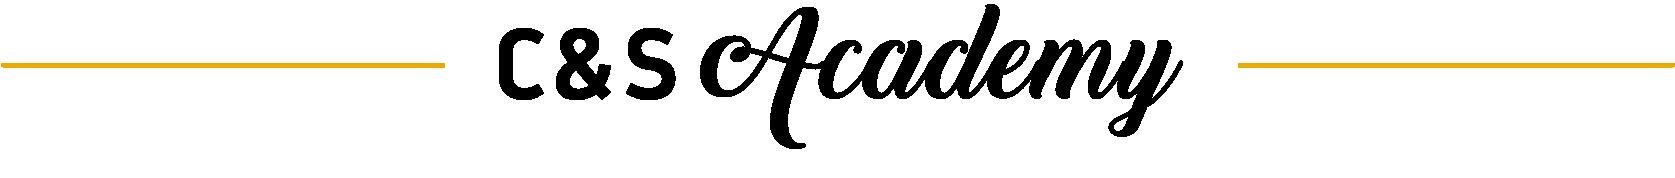 C&S Academy